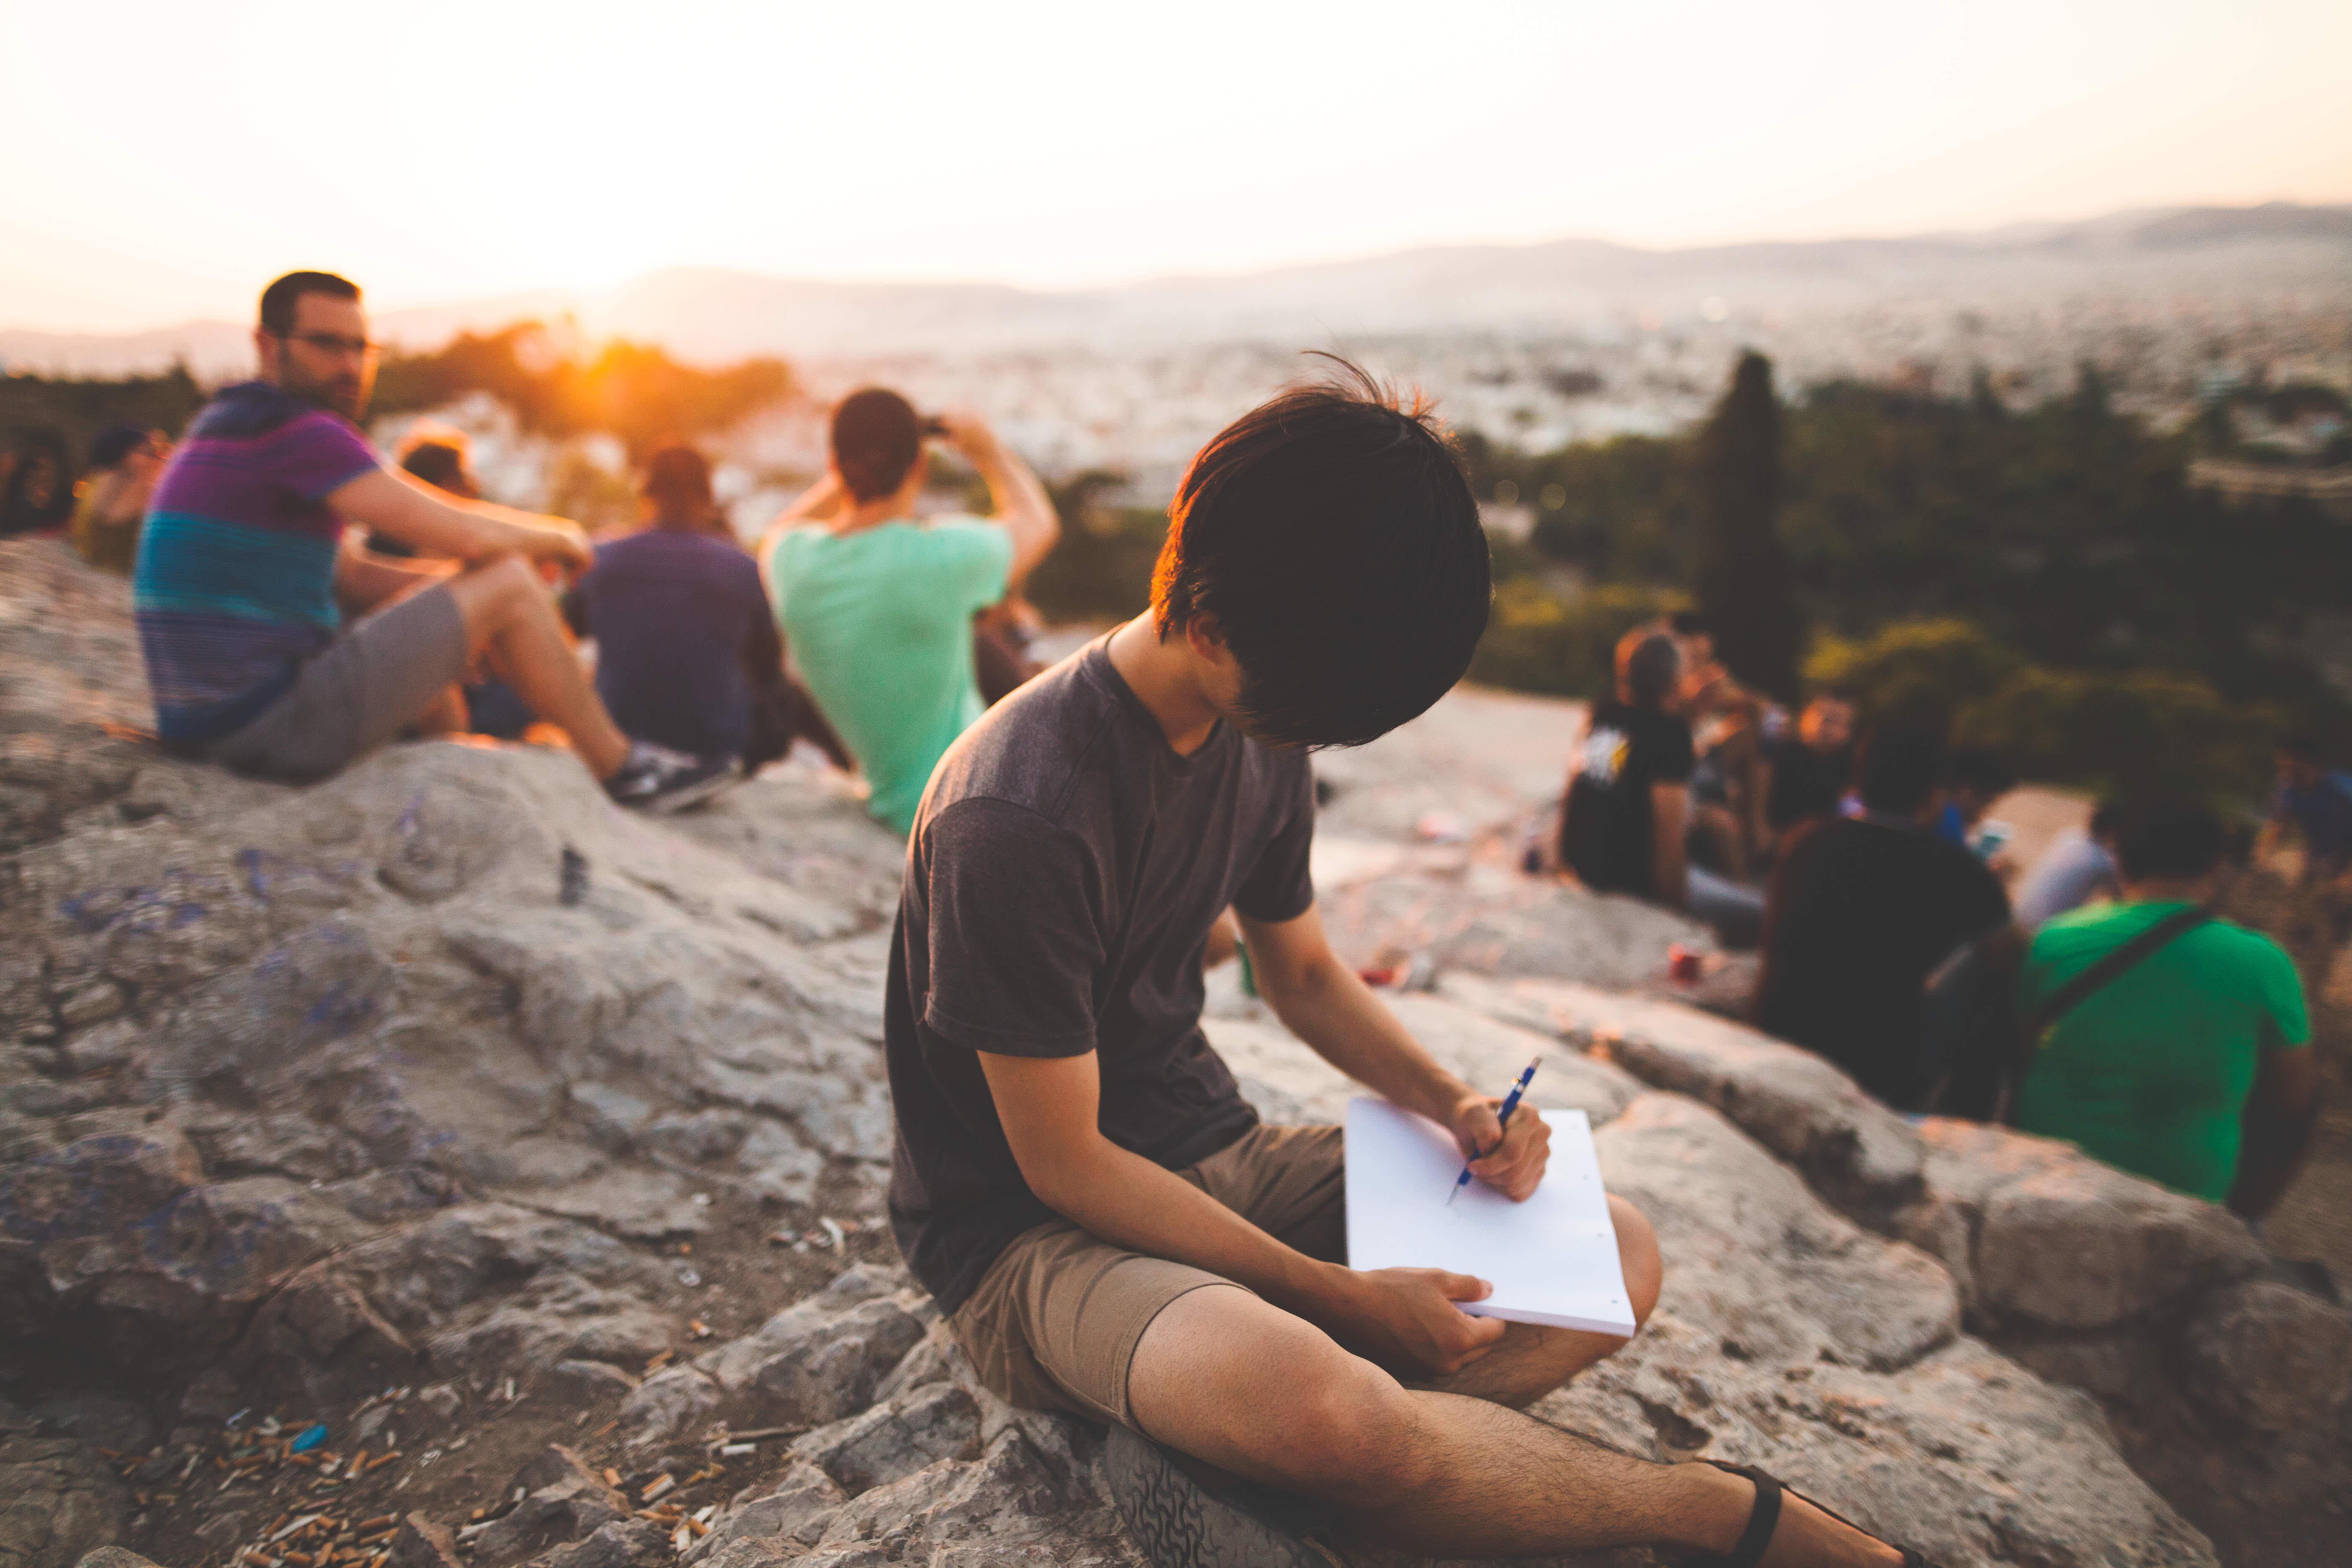 Ubezpieczenie W Podróży – Jak Zabezpieczyć Swoje Wakacje?